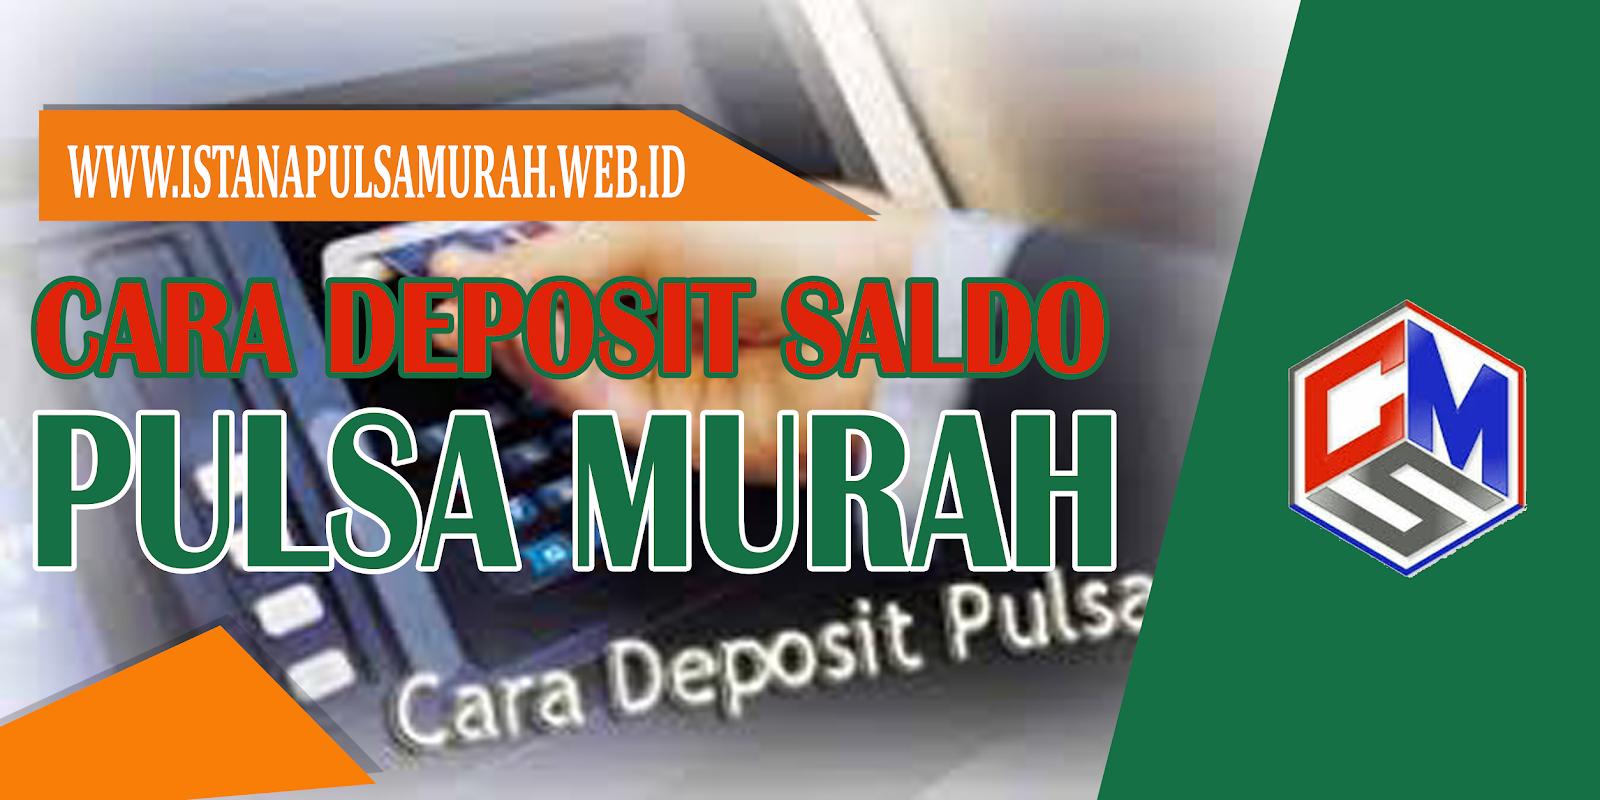 Cara Deposit Saldo Istana Pulsa Murah